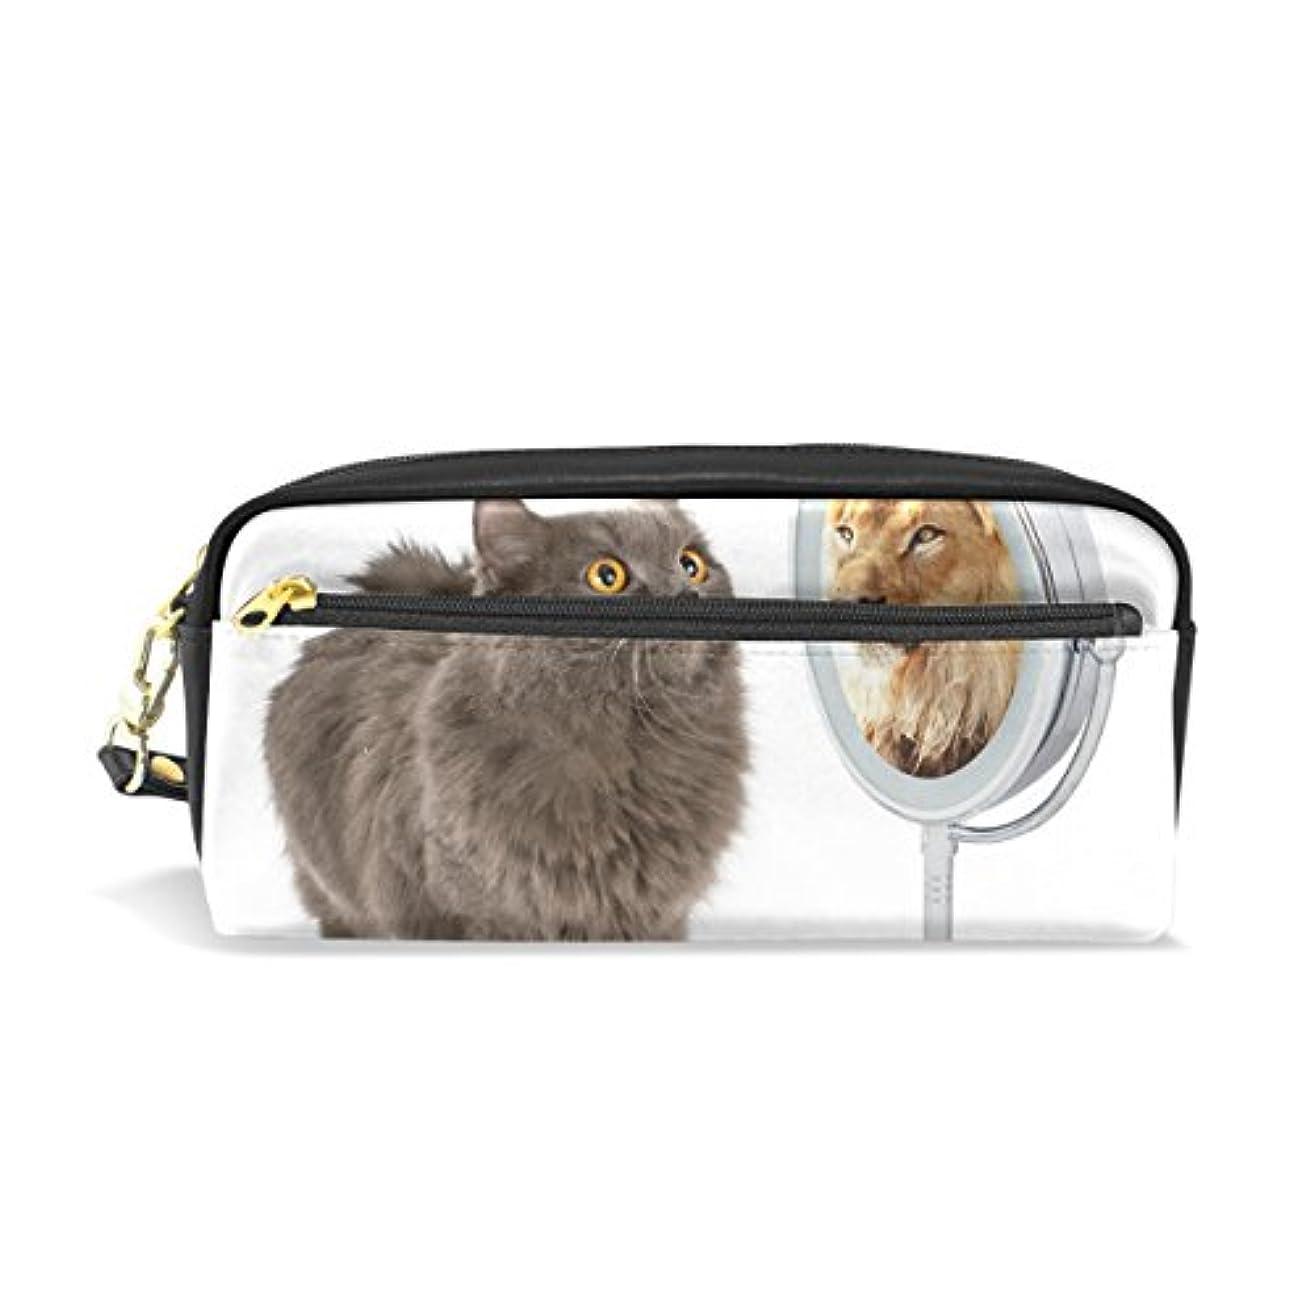 不合格急速な観光AOMOKI ペンケース 化粧ポーチ 多機能バッグ レディース 猫 ライオン